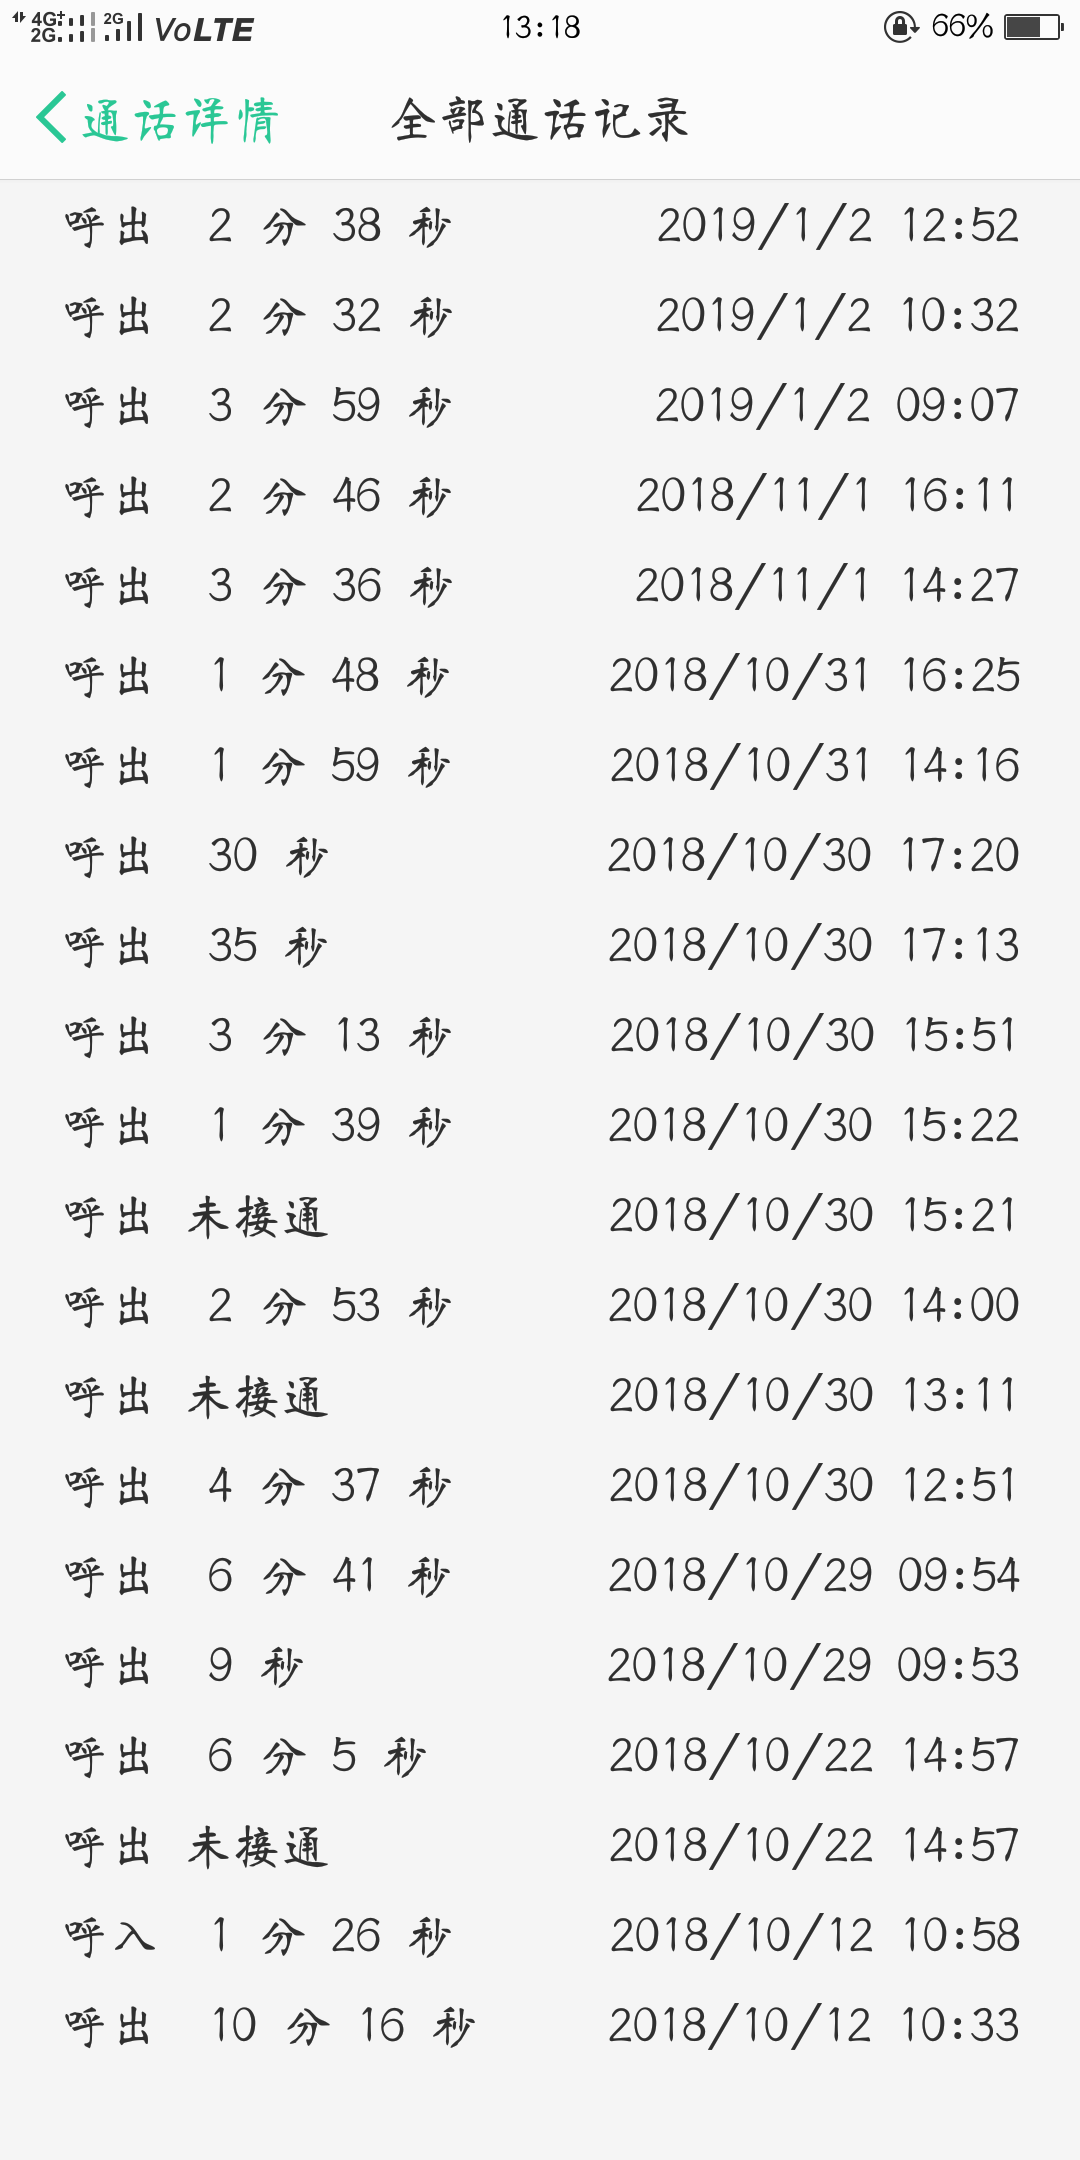 江淮汽车-帅铃T6 退车,并按国家三包法赔偿我所以损失